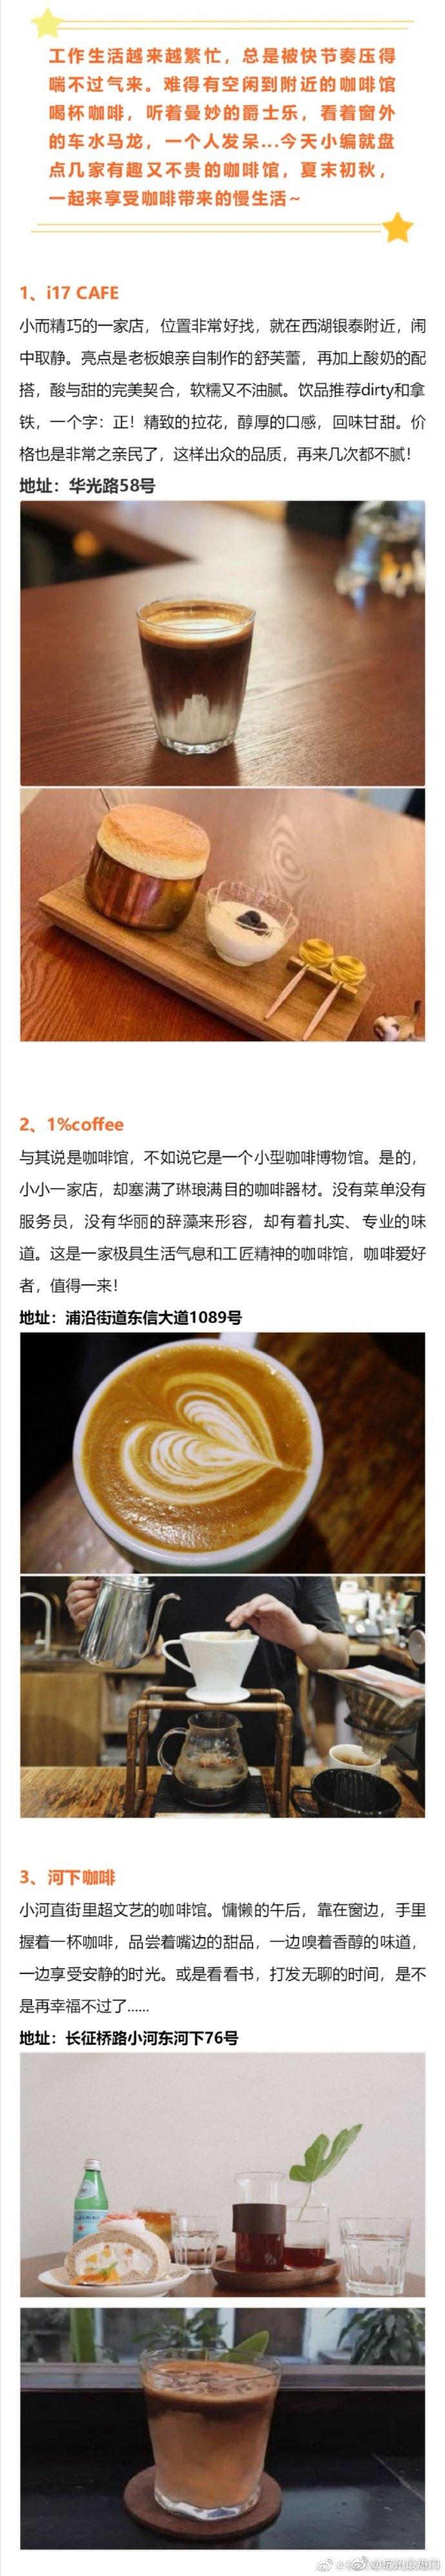 杭州人均不到50元精装咖啡馆带着闺蜜一起